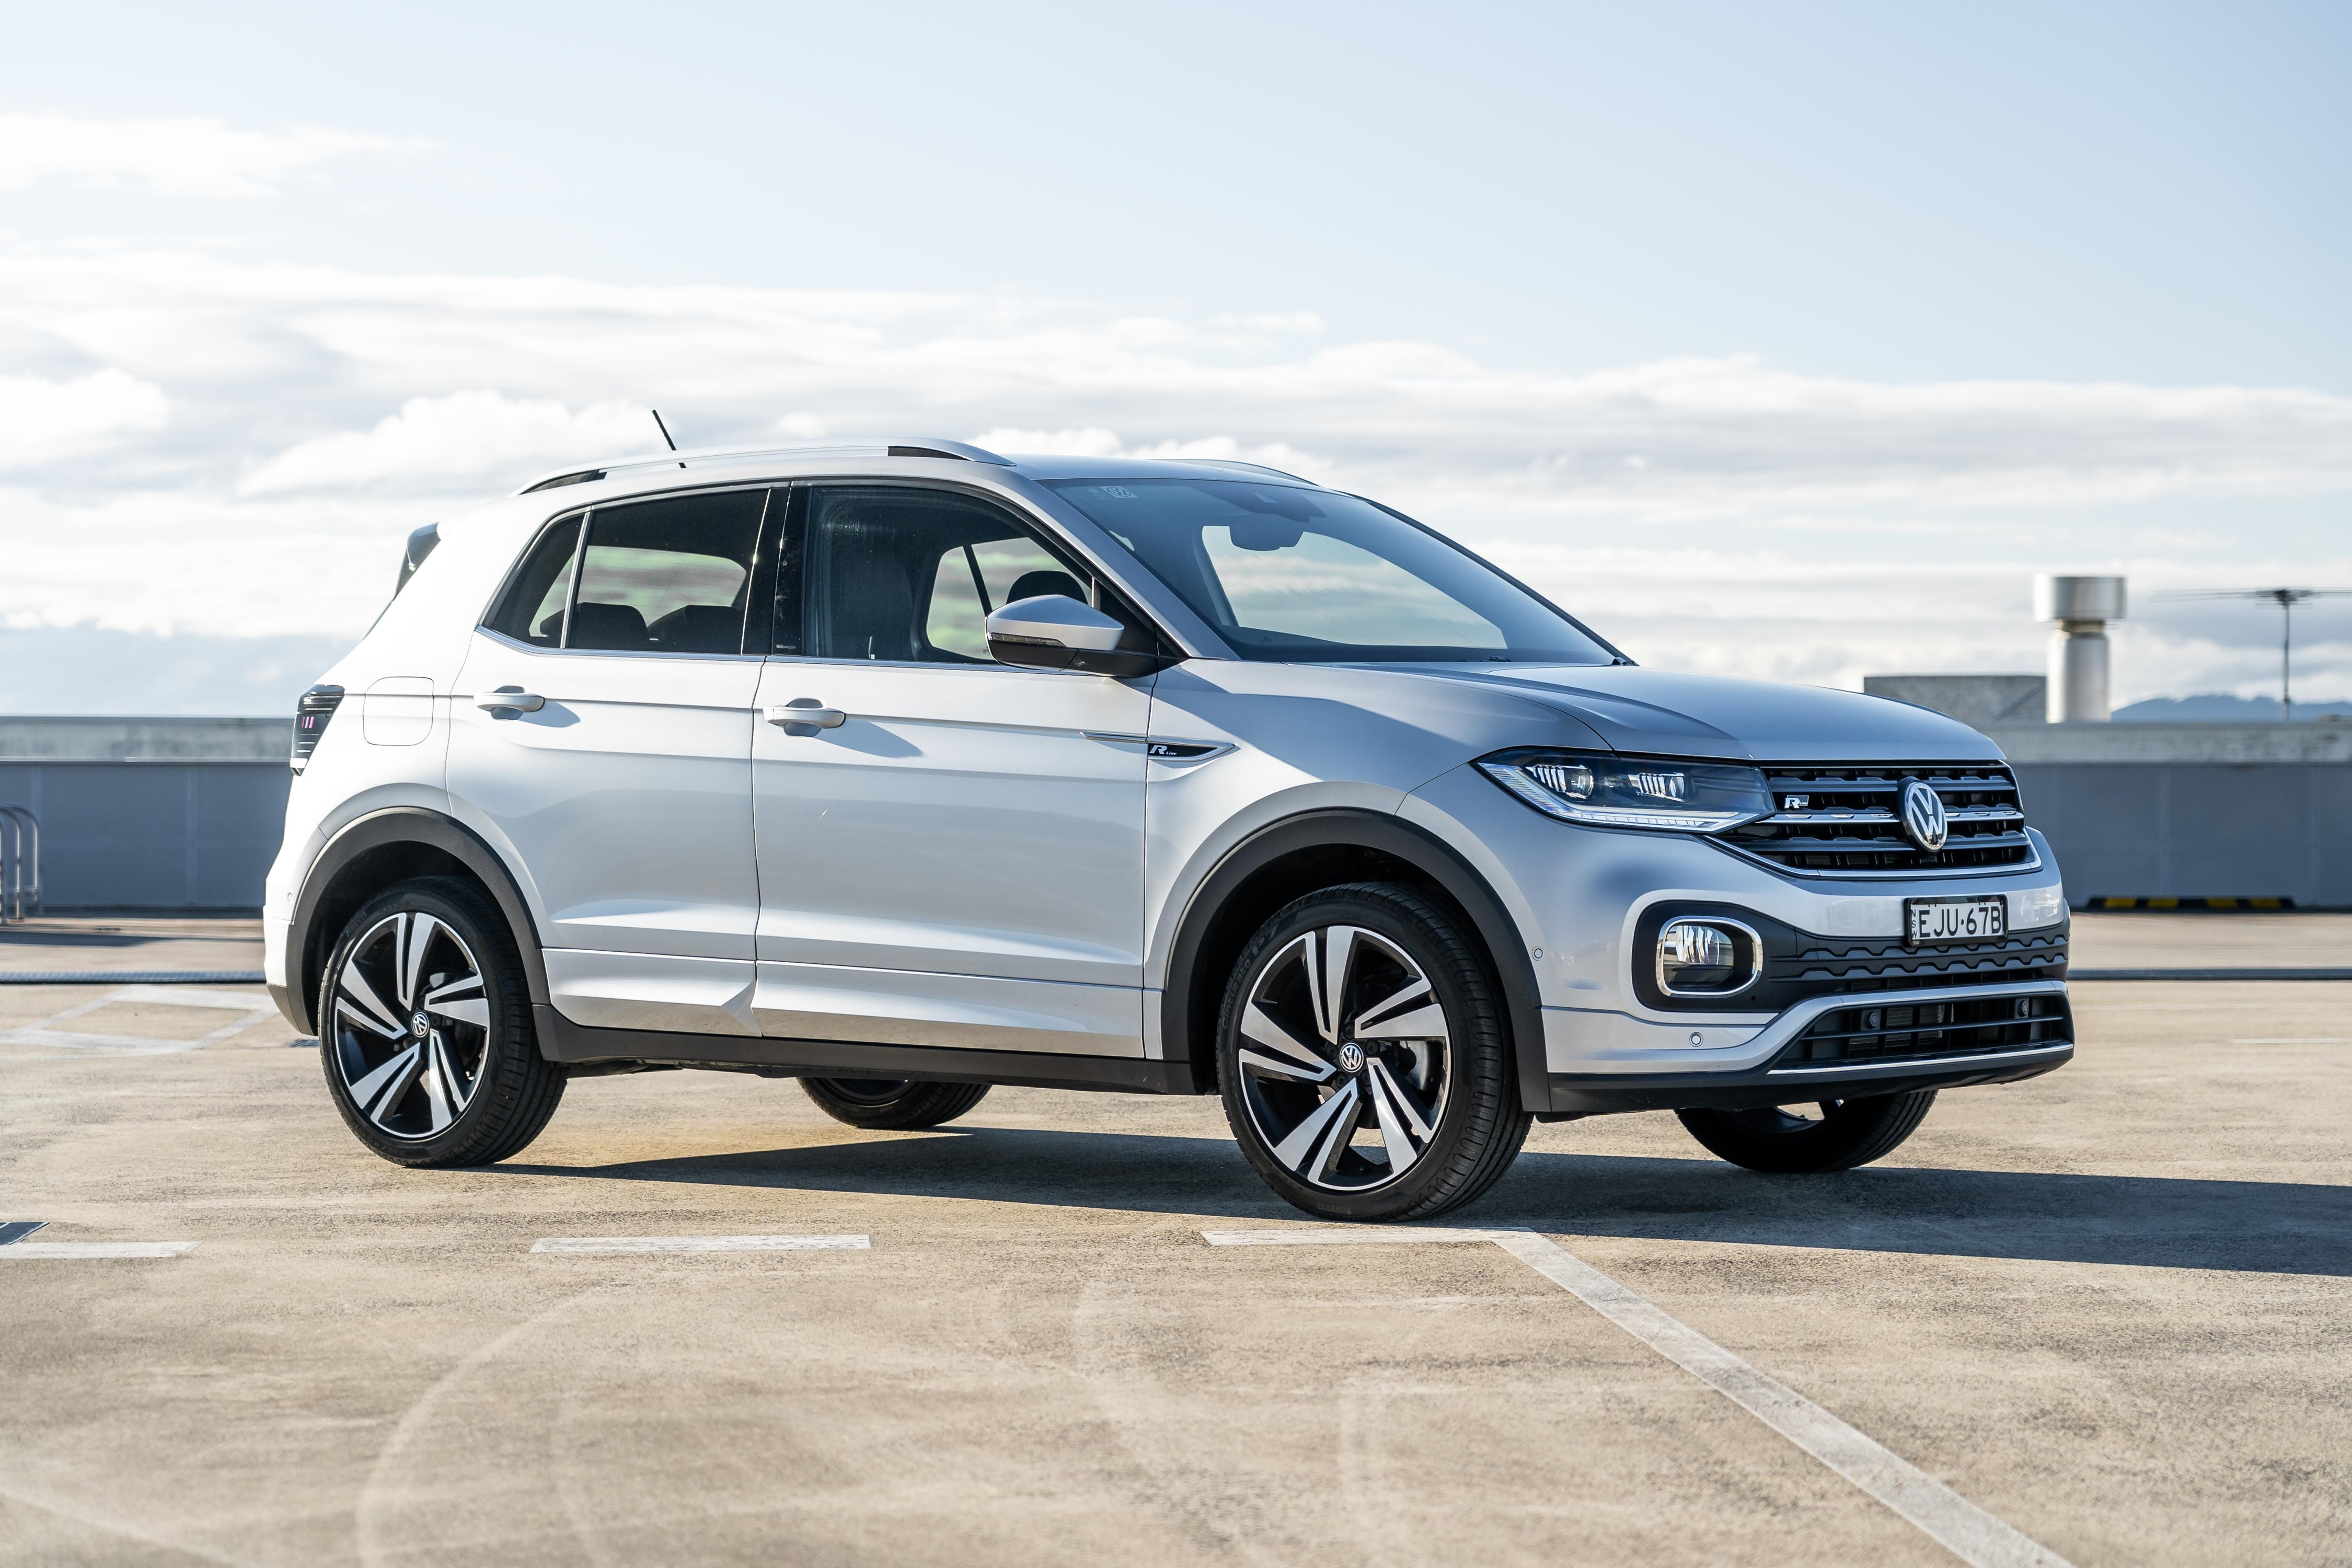 2022 Volkswagen T-Cross price and specs